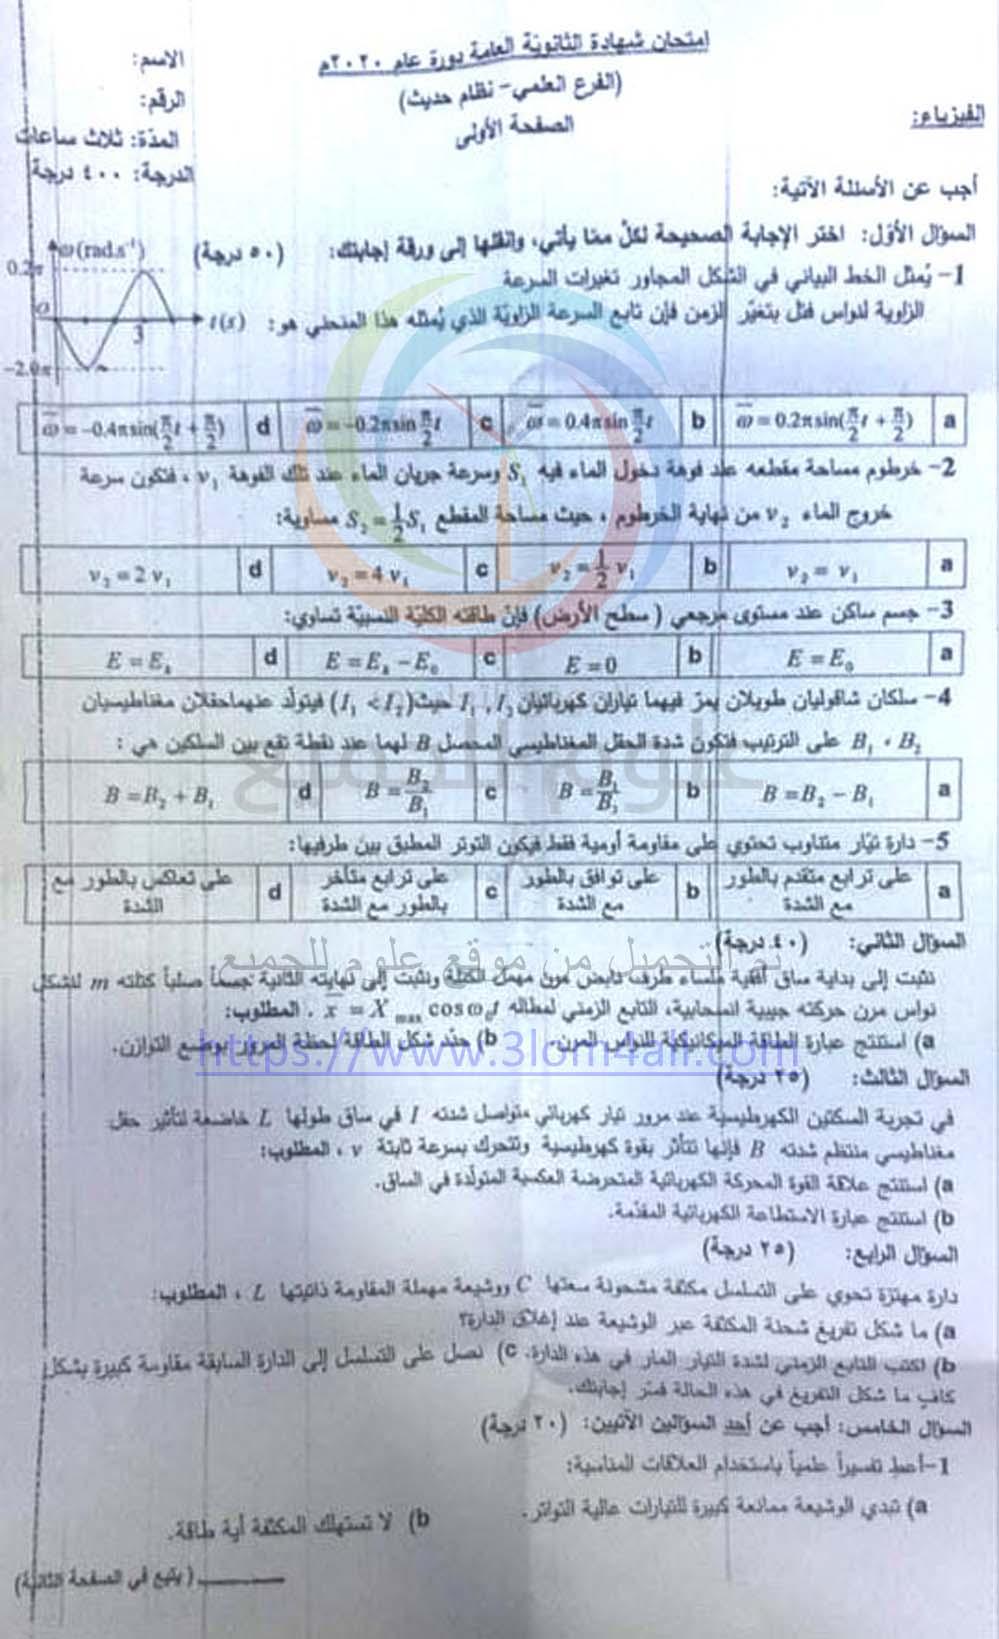 أسئلة امتحان الفيزياء دورة 2020 مع الحل - سوريا